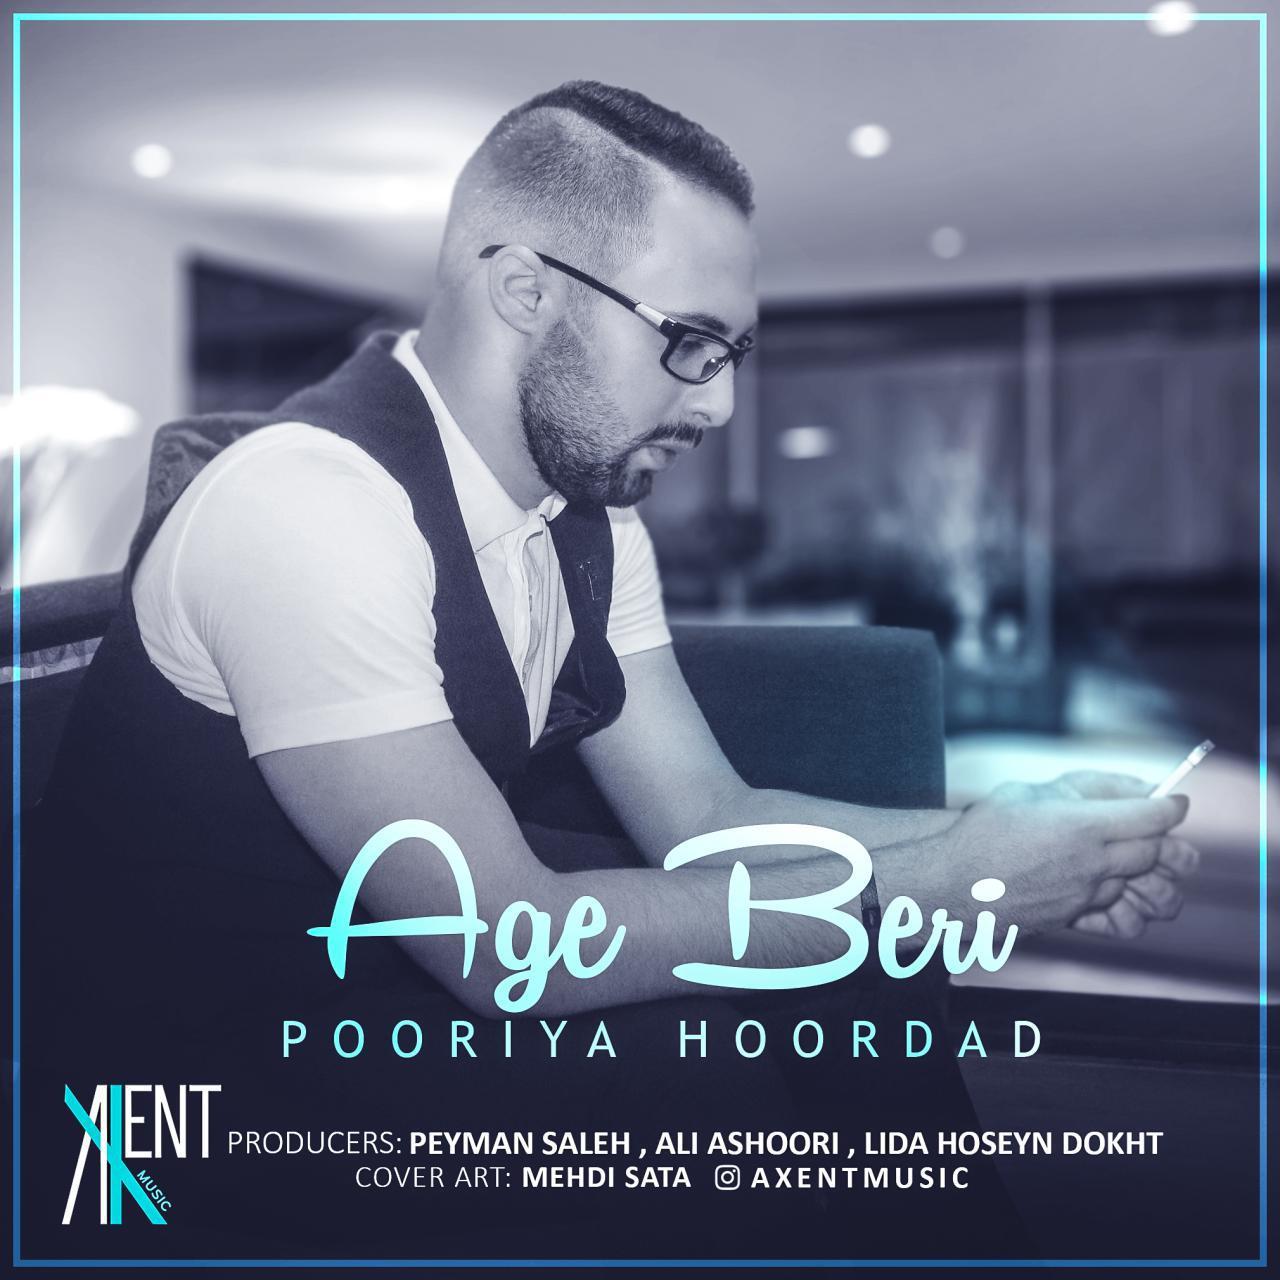 Pooriya Hoordad – Age Beri